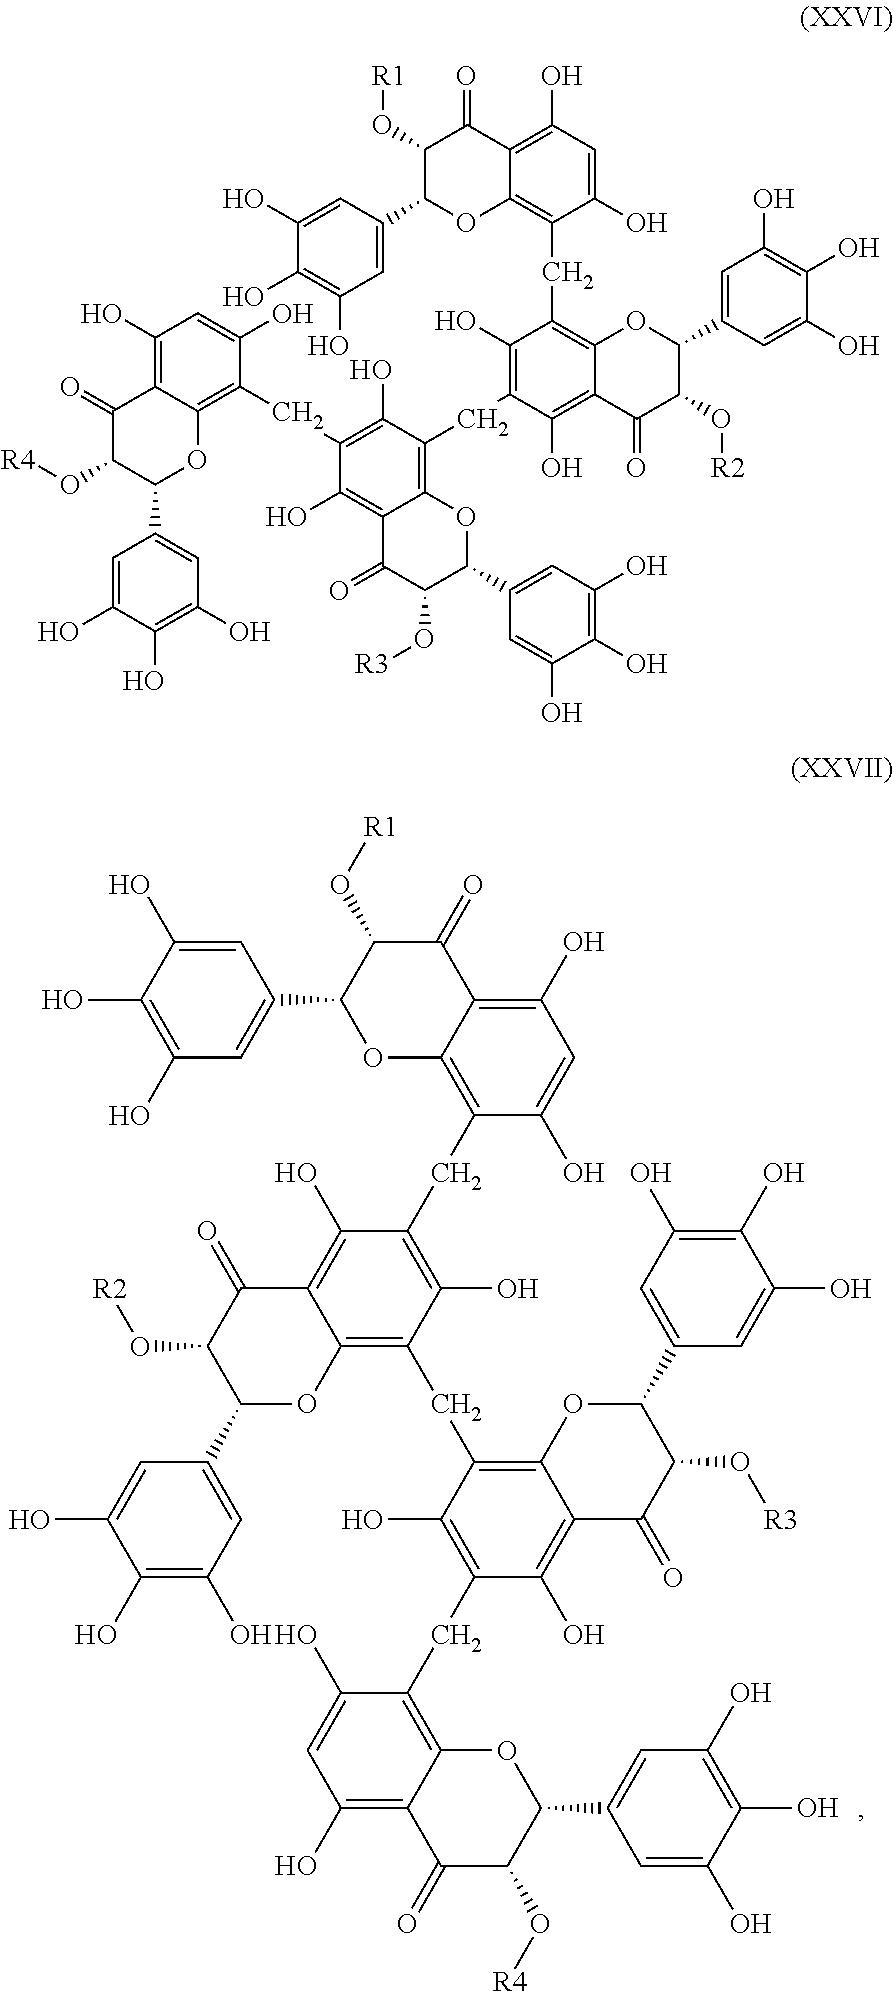 Figure US09962344-20180508-C00201